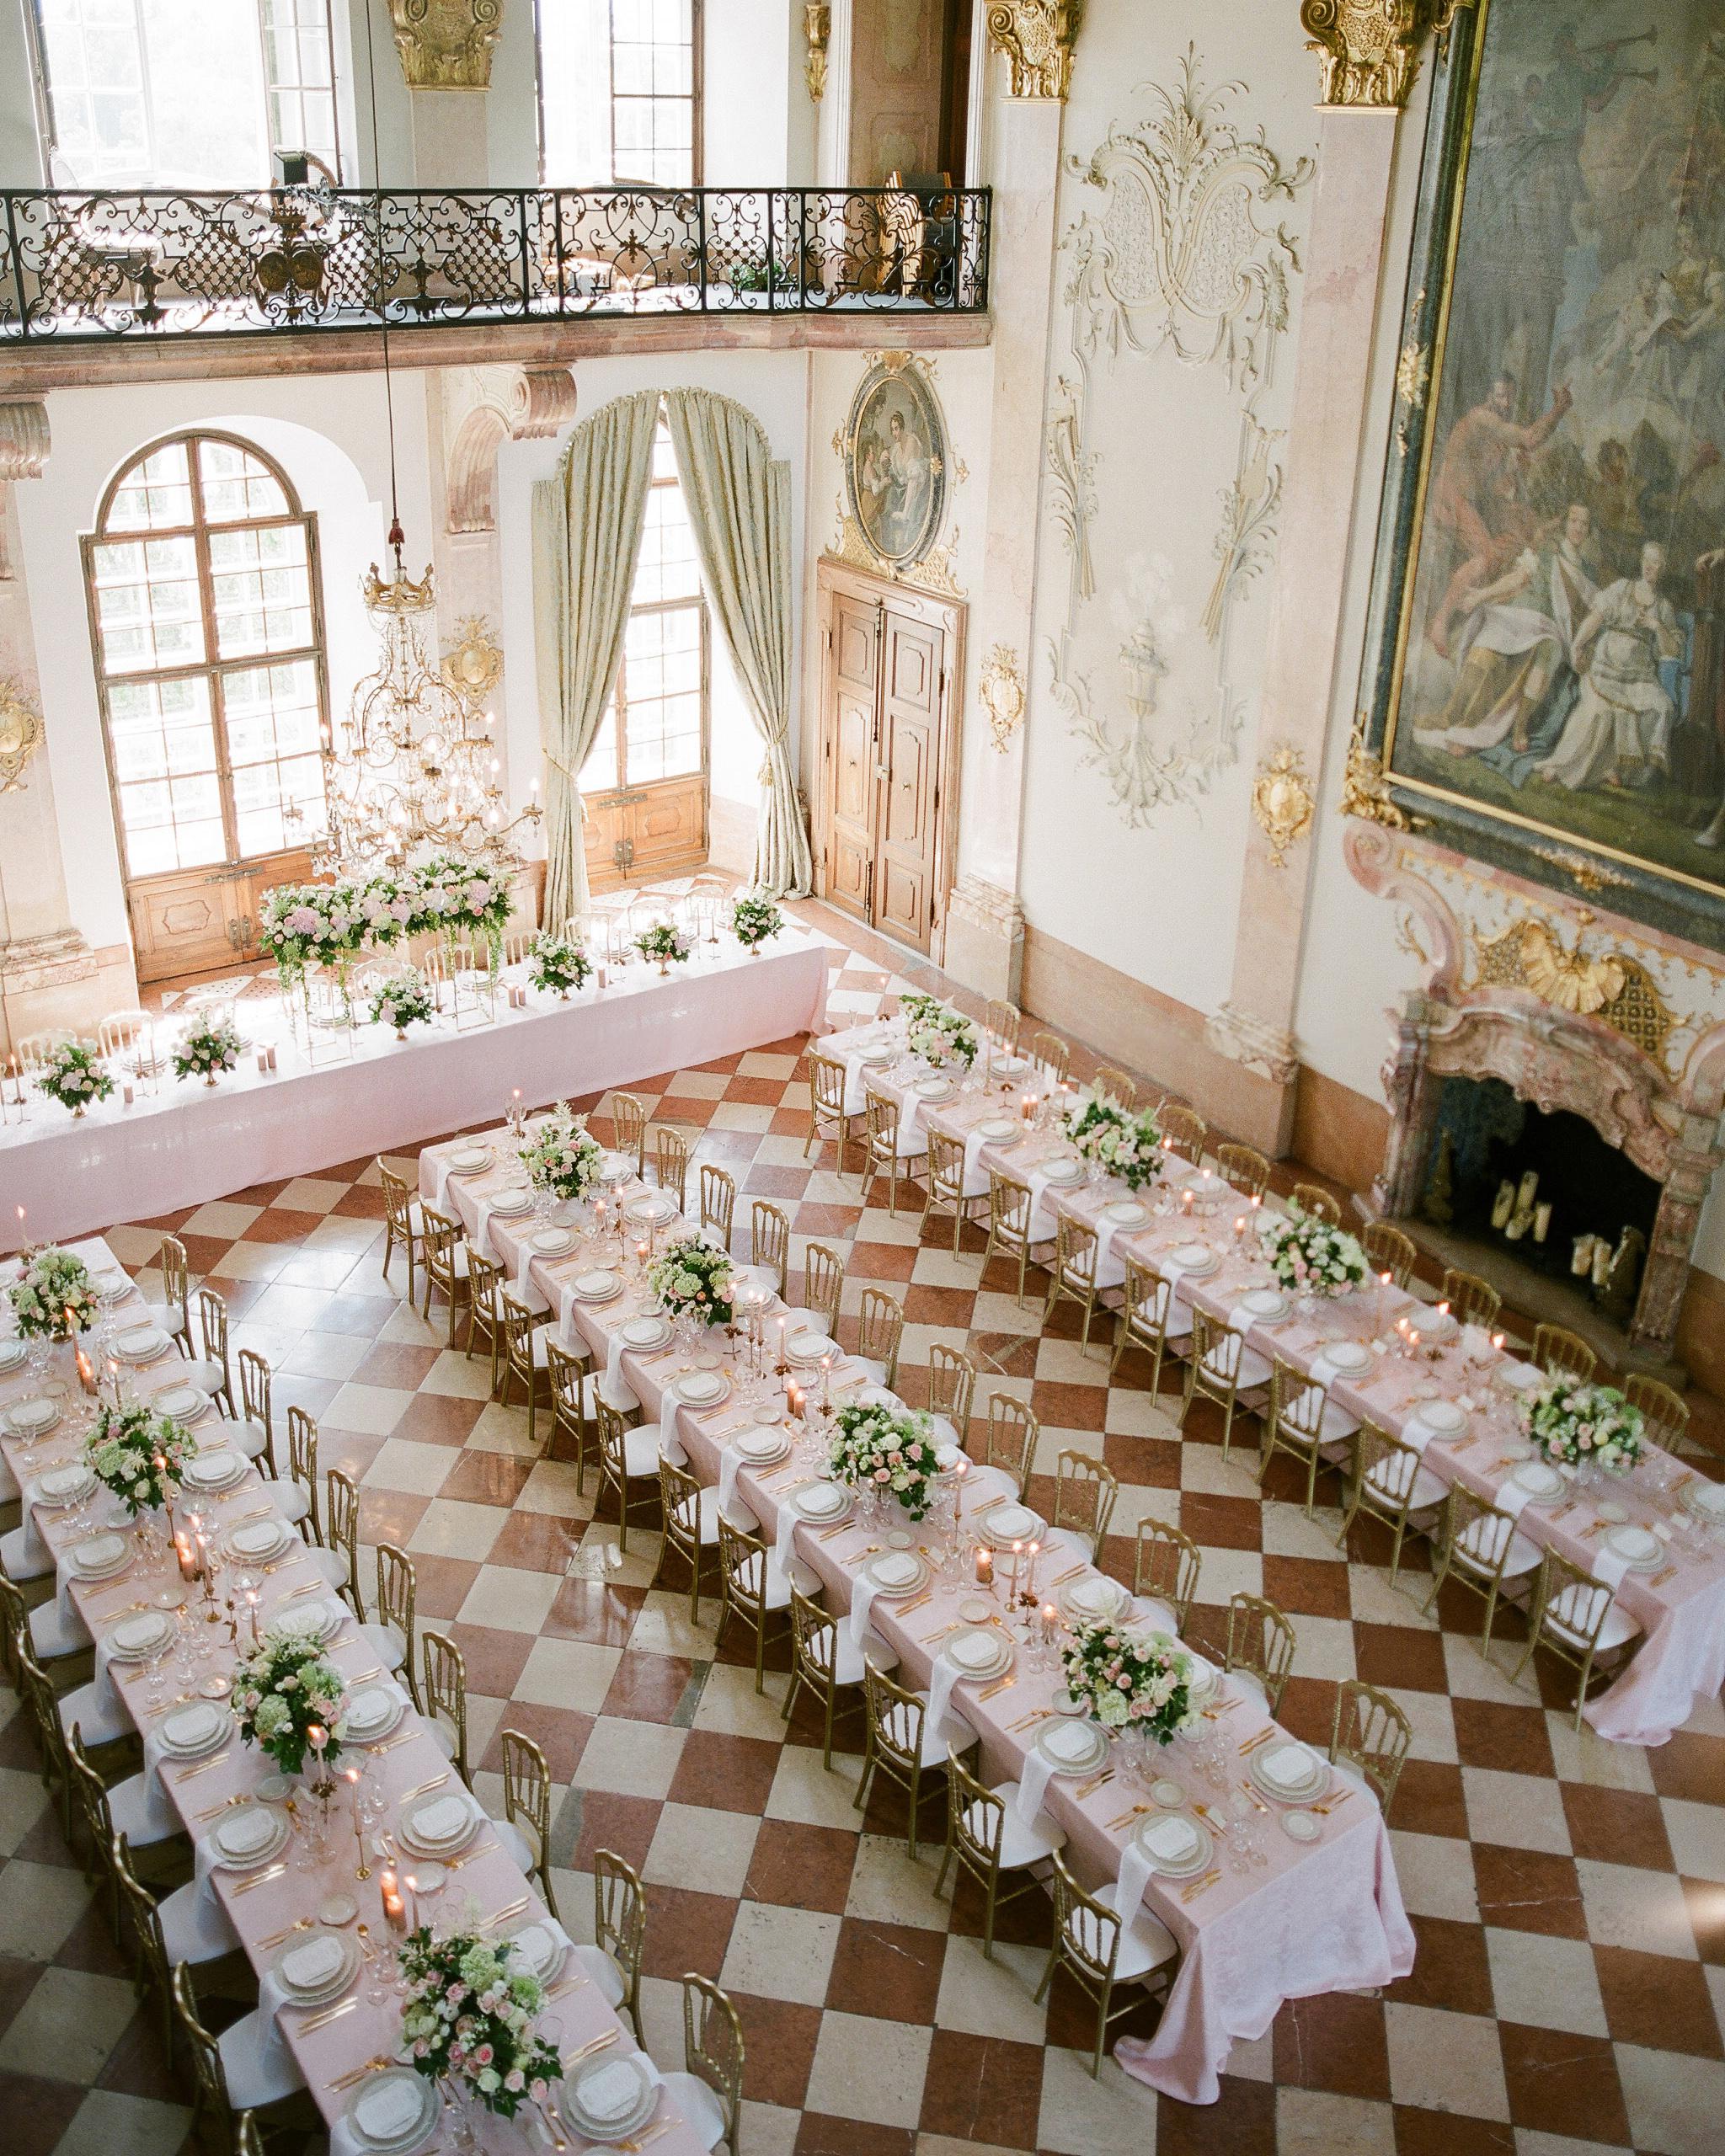 glamorous wedding ideas elegant venue palace